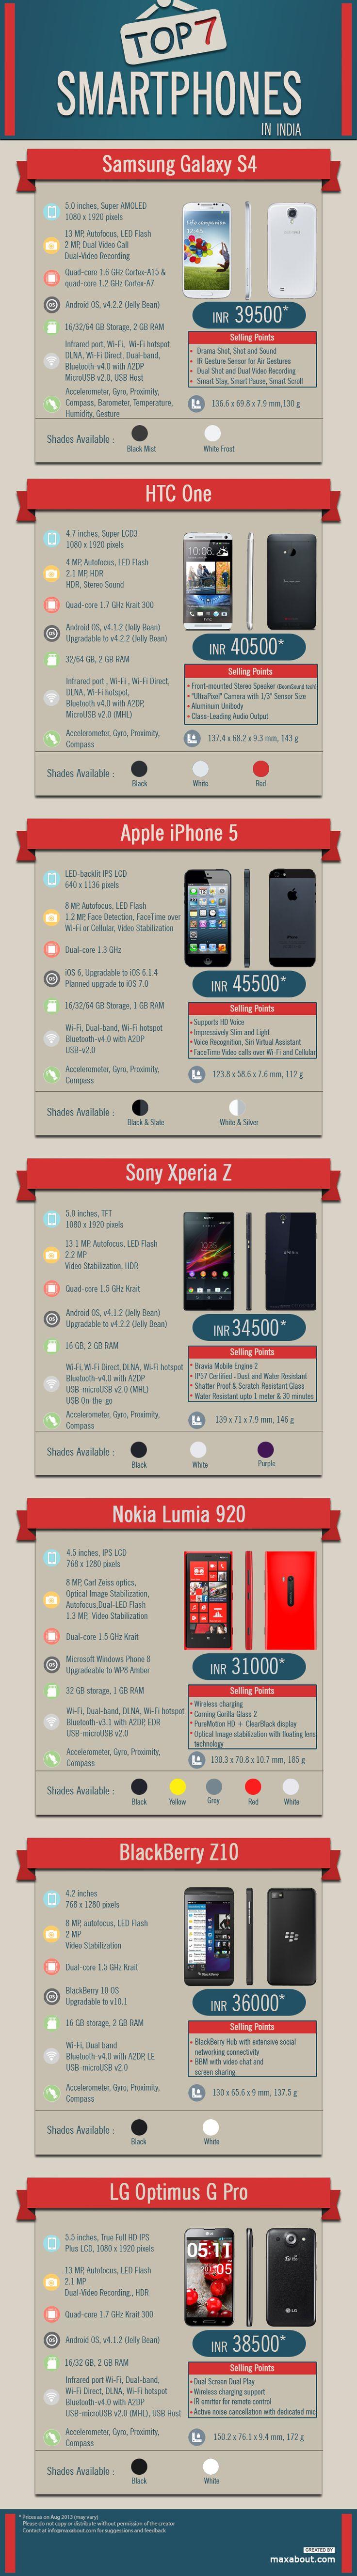 Top 7 smartphones in India #infographic